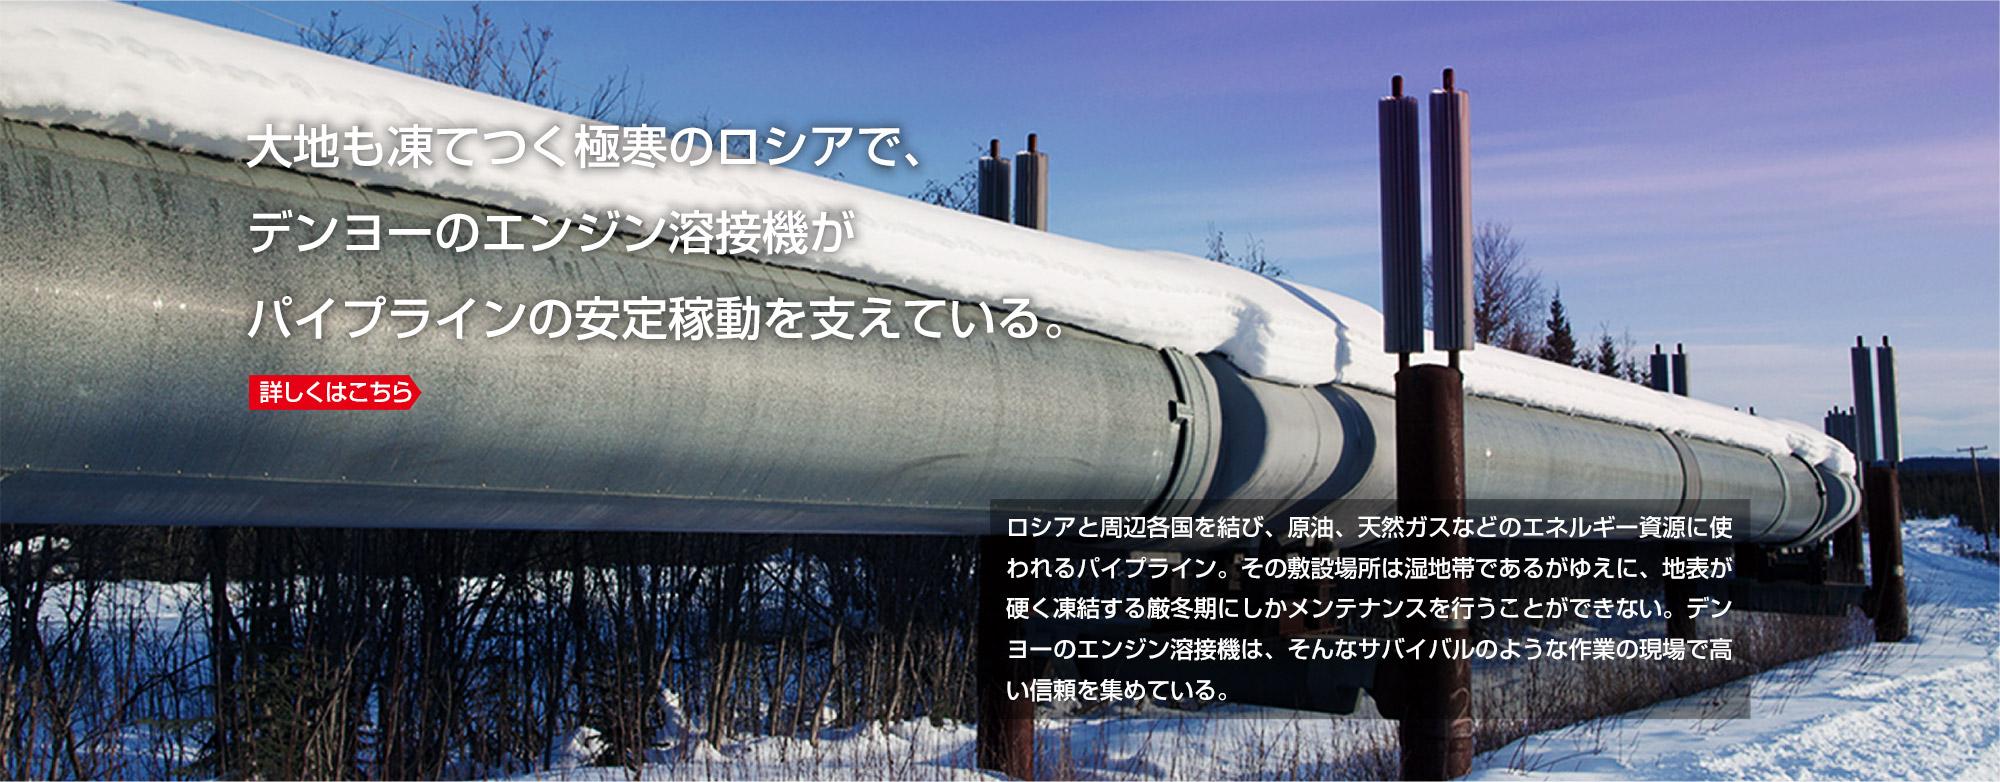 大地も凍てつく極寒のロシアで、デンヨーのエンジン溶接機がパイプラインの安定稼動を支えている。詳しくはこちら ロシアと周辺各国を結び、原油、天然ガスなどのエネルギー資源に使われるパイプライン。その敷設場所は湿地帯であるがゆえに、地表が硬く凍結する厳冬期にしかメンテナンスを行うことができない。デンヨーのエンジン溶接機は、そんなサバイバルのような作業の現場で高い信頼を集めている。